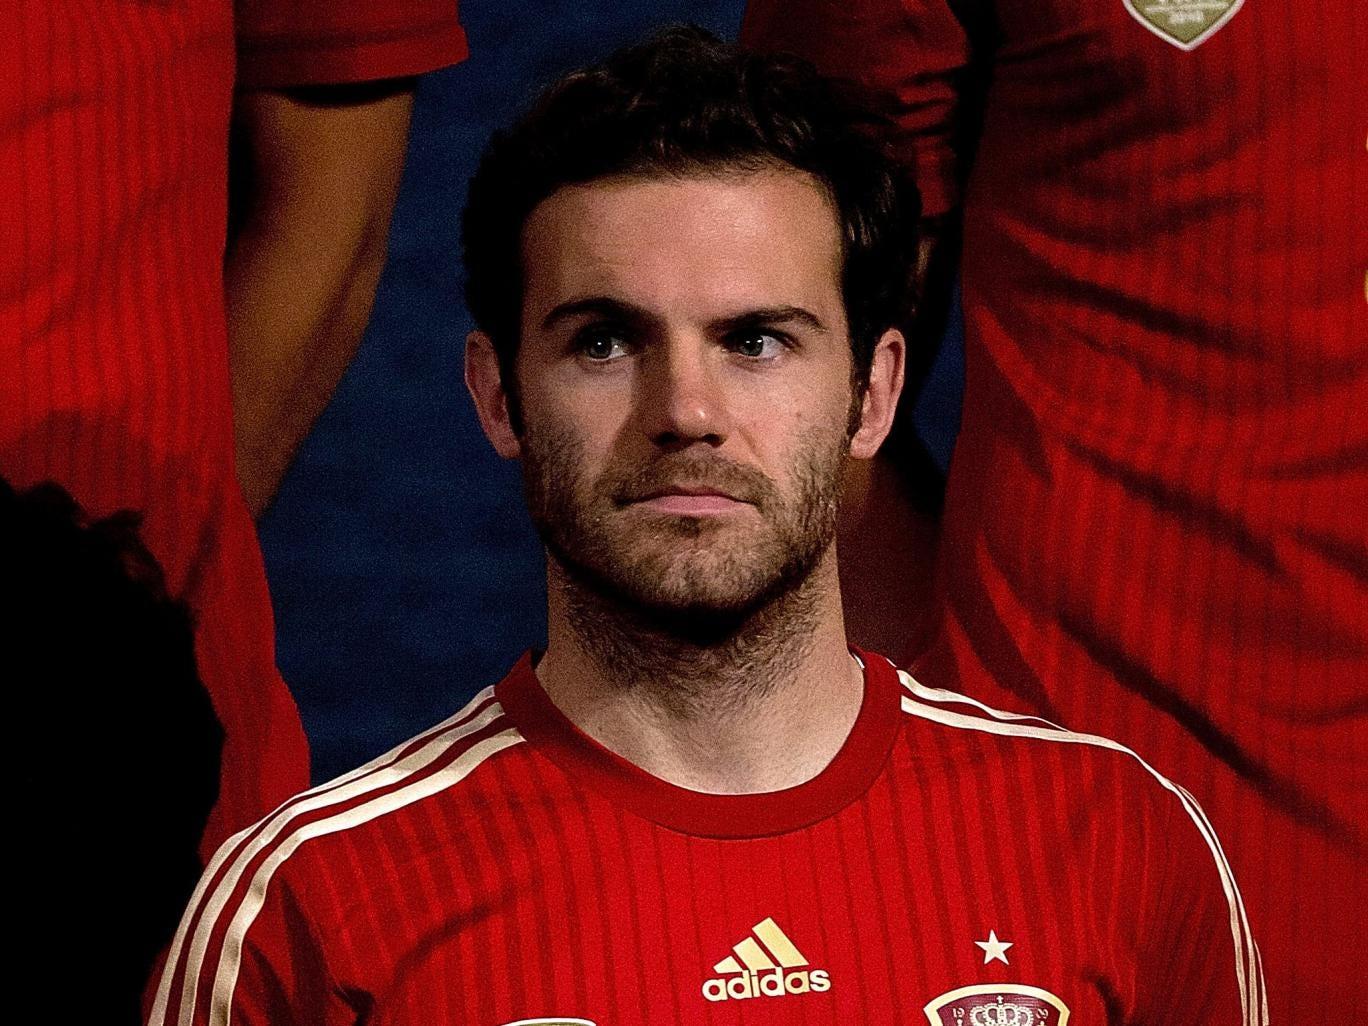 Spain midfielder Juan Mata